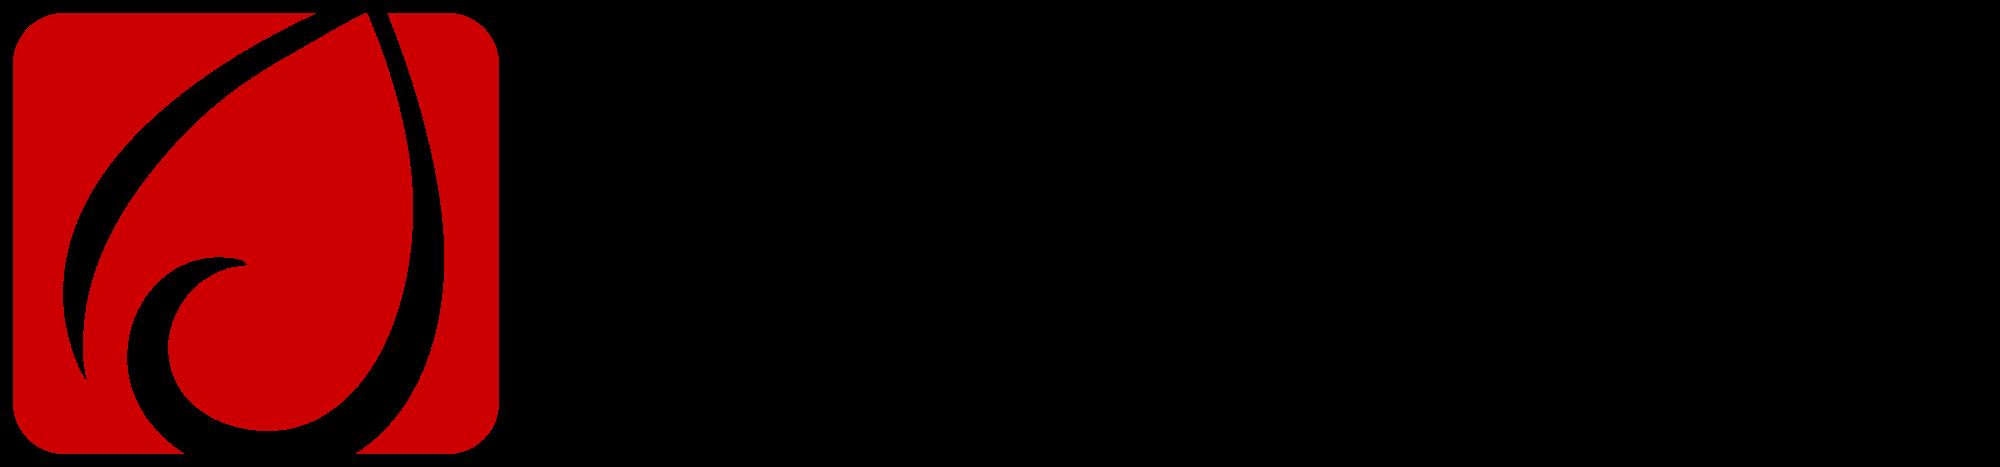 SynapticsLogo